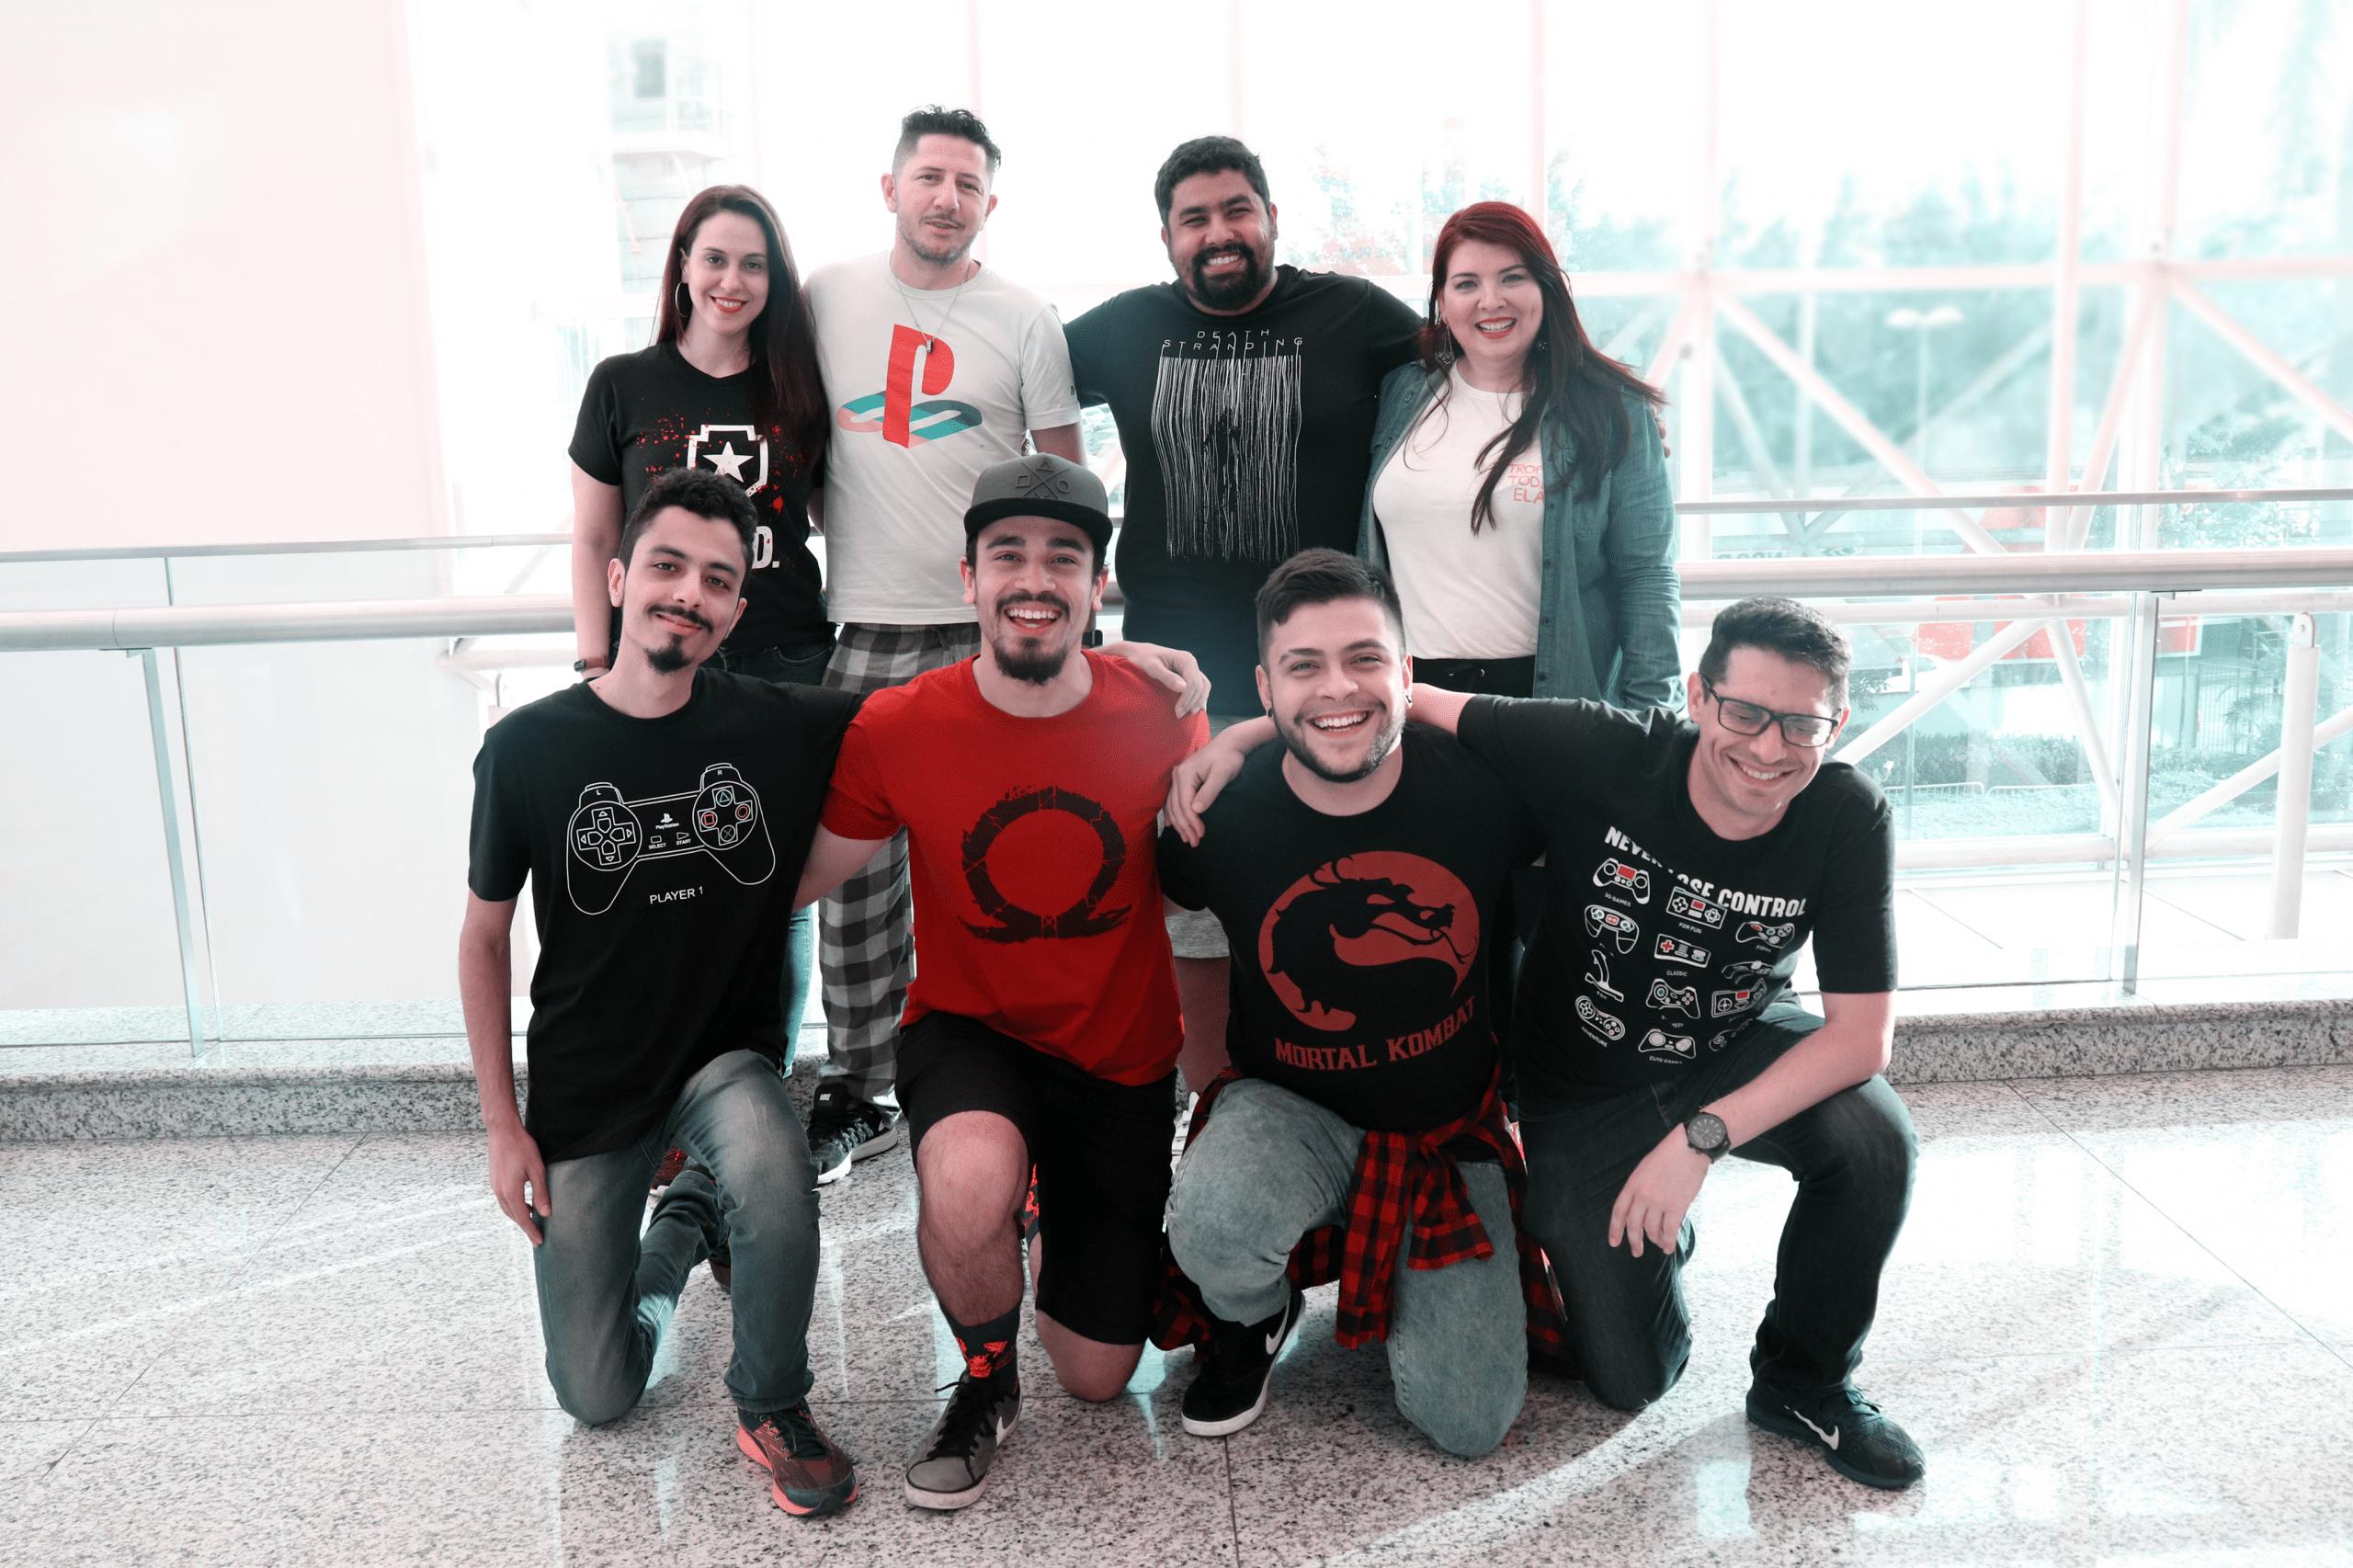 BGS 2019: Quarto dia tem muita gente, equipe modelete e meet and greet